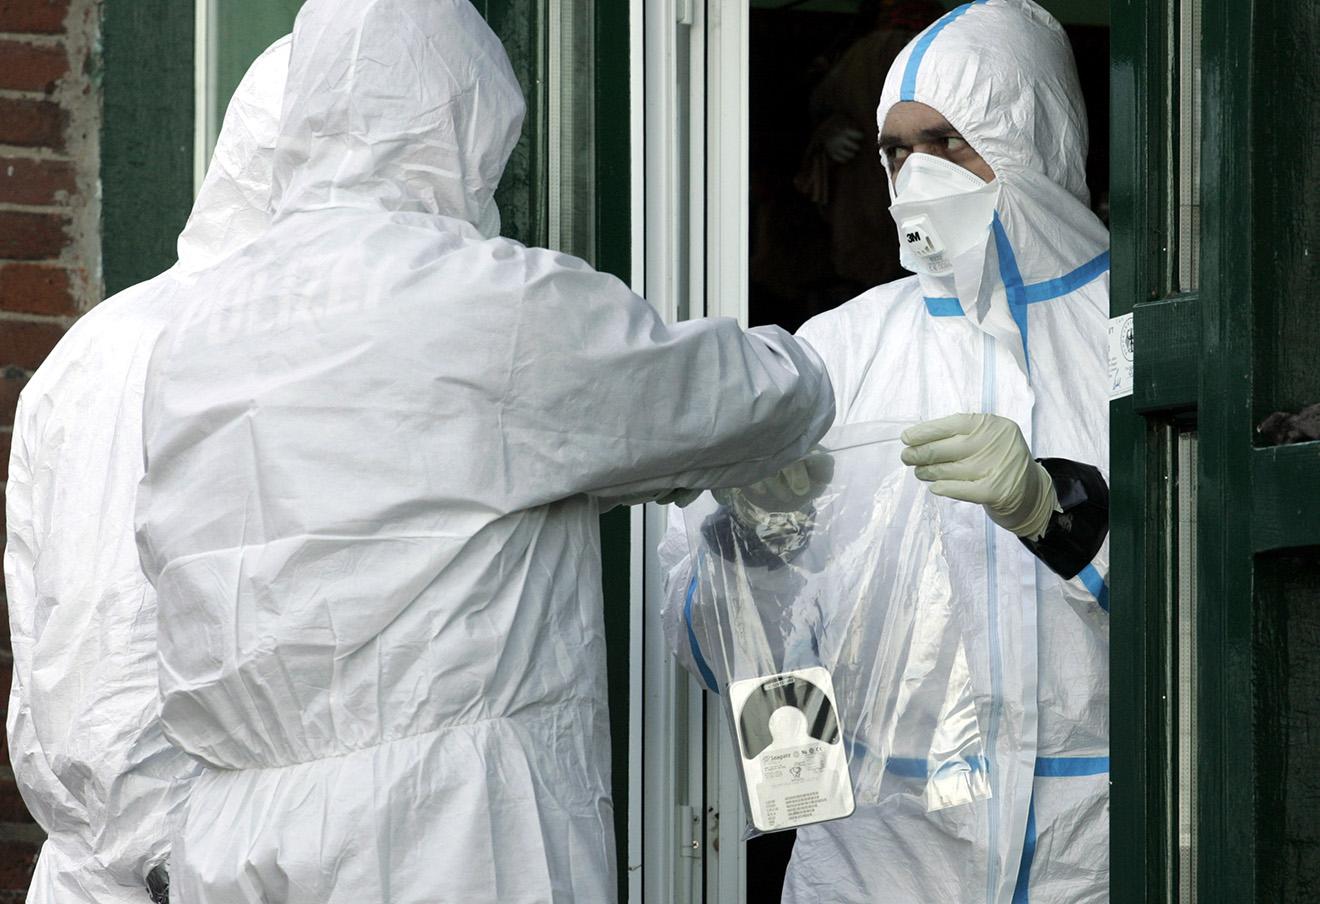 Сотрудник Федерального ведомства Германии по защите от радиации передает пакет с компьютерным жестким диском во время обследования дома экс-тещи Ковтуна на предмет следов полония.